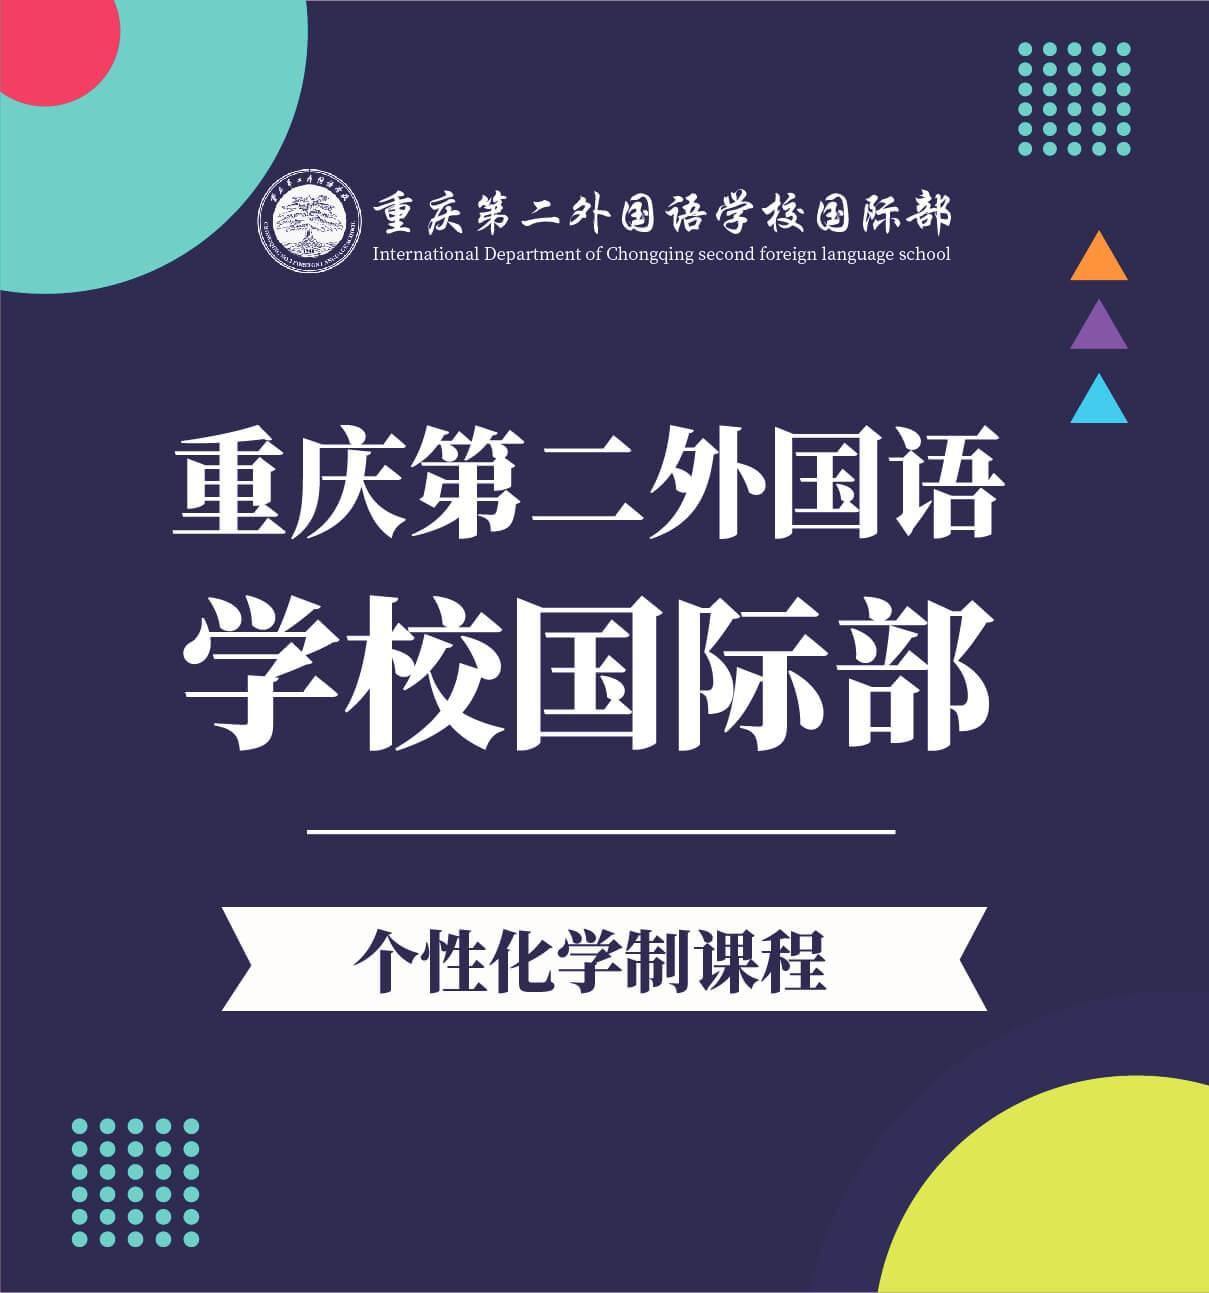 重庆第二外国语学校国际部图片